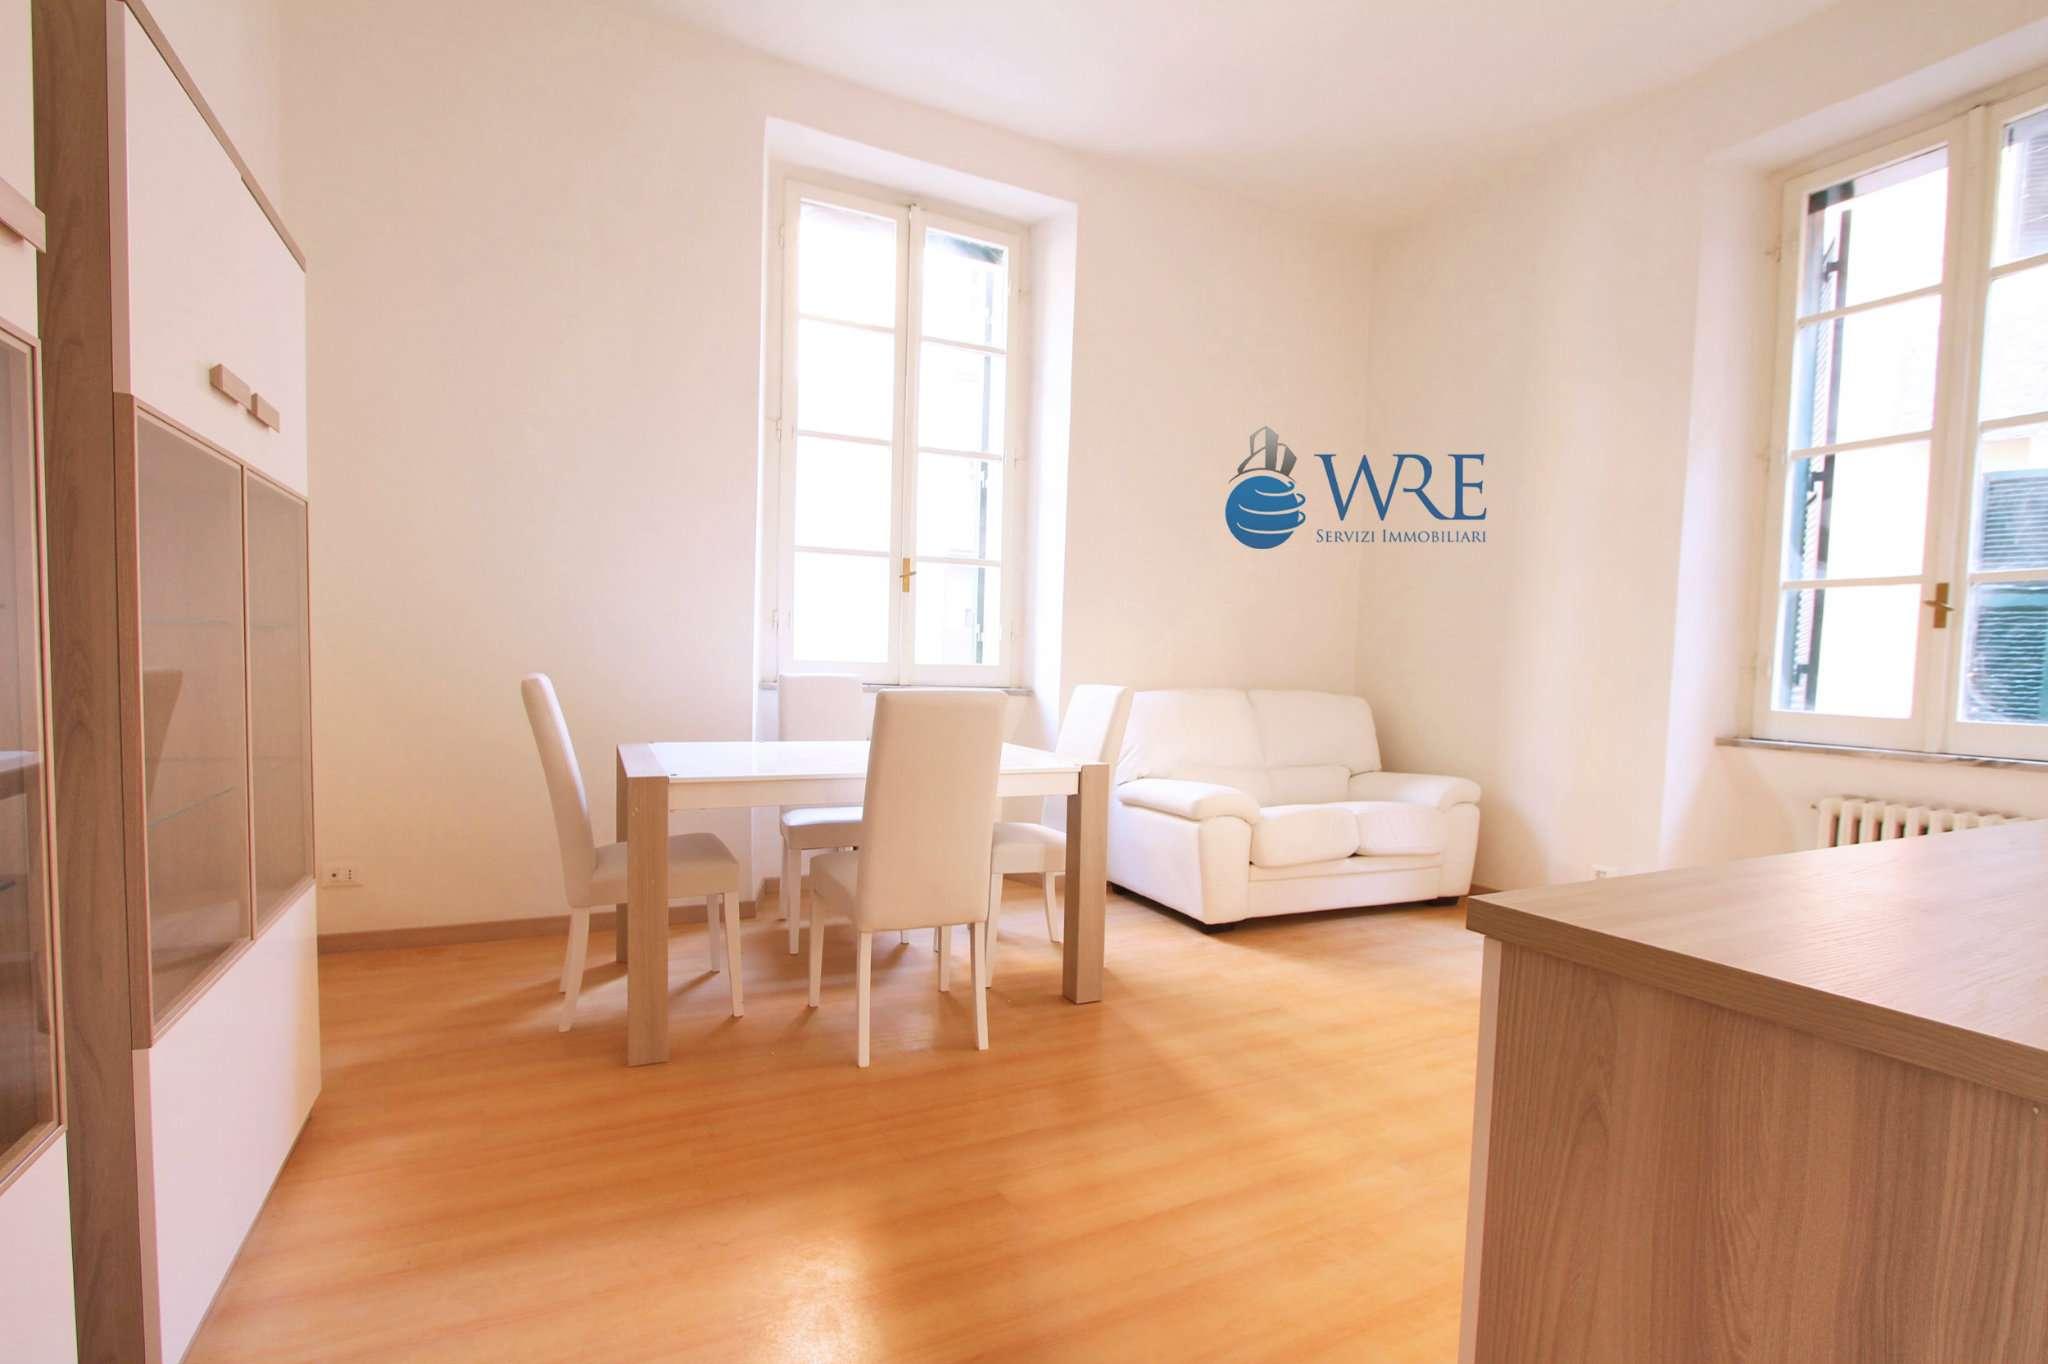 Appartamento in Affitto a Roma 28 Trastevere / Testaccio: 3 locali, 65 mq